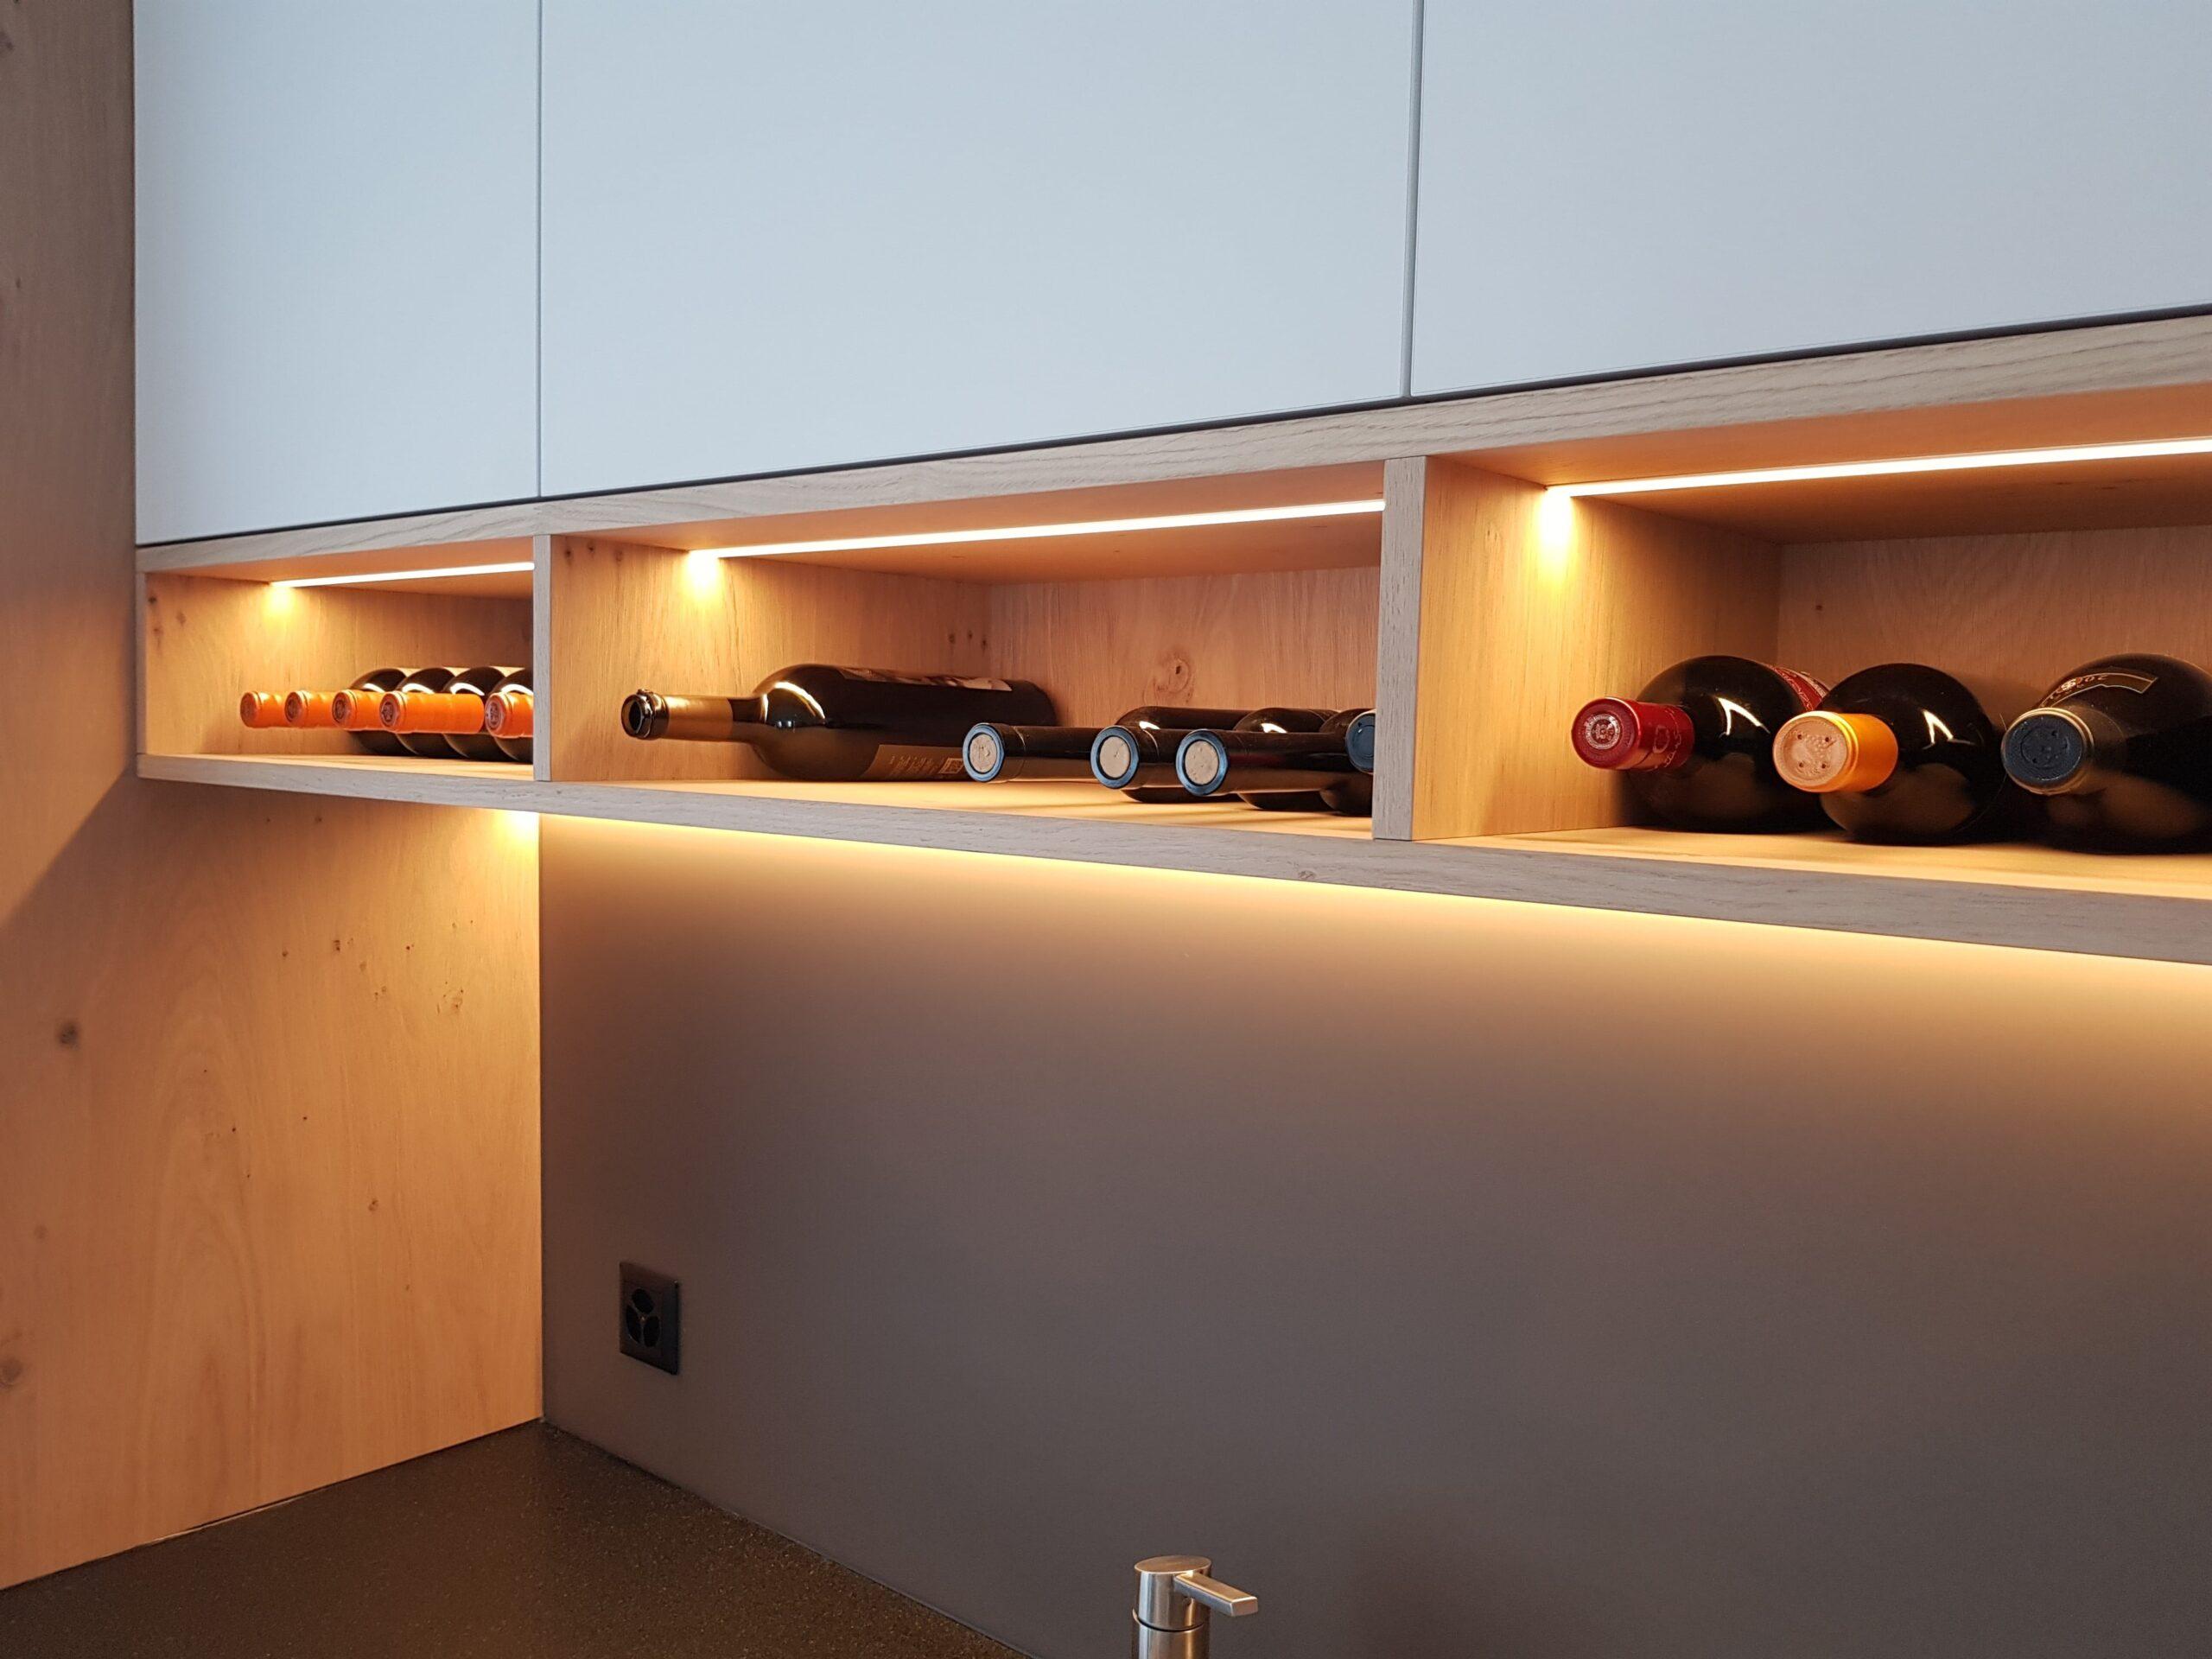 Wooddesign_Holzleuchten_LED-Beleuchtung_Licht_Indirekte Beleuchtung_Direkte Beleuchtung_Holzdesign (4)-min